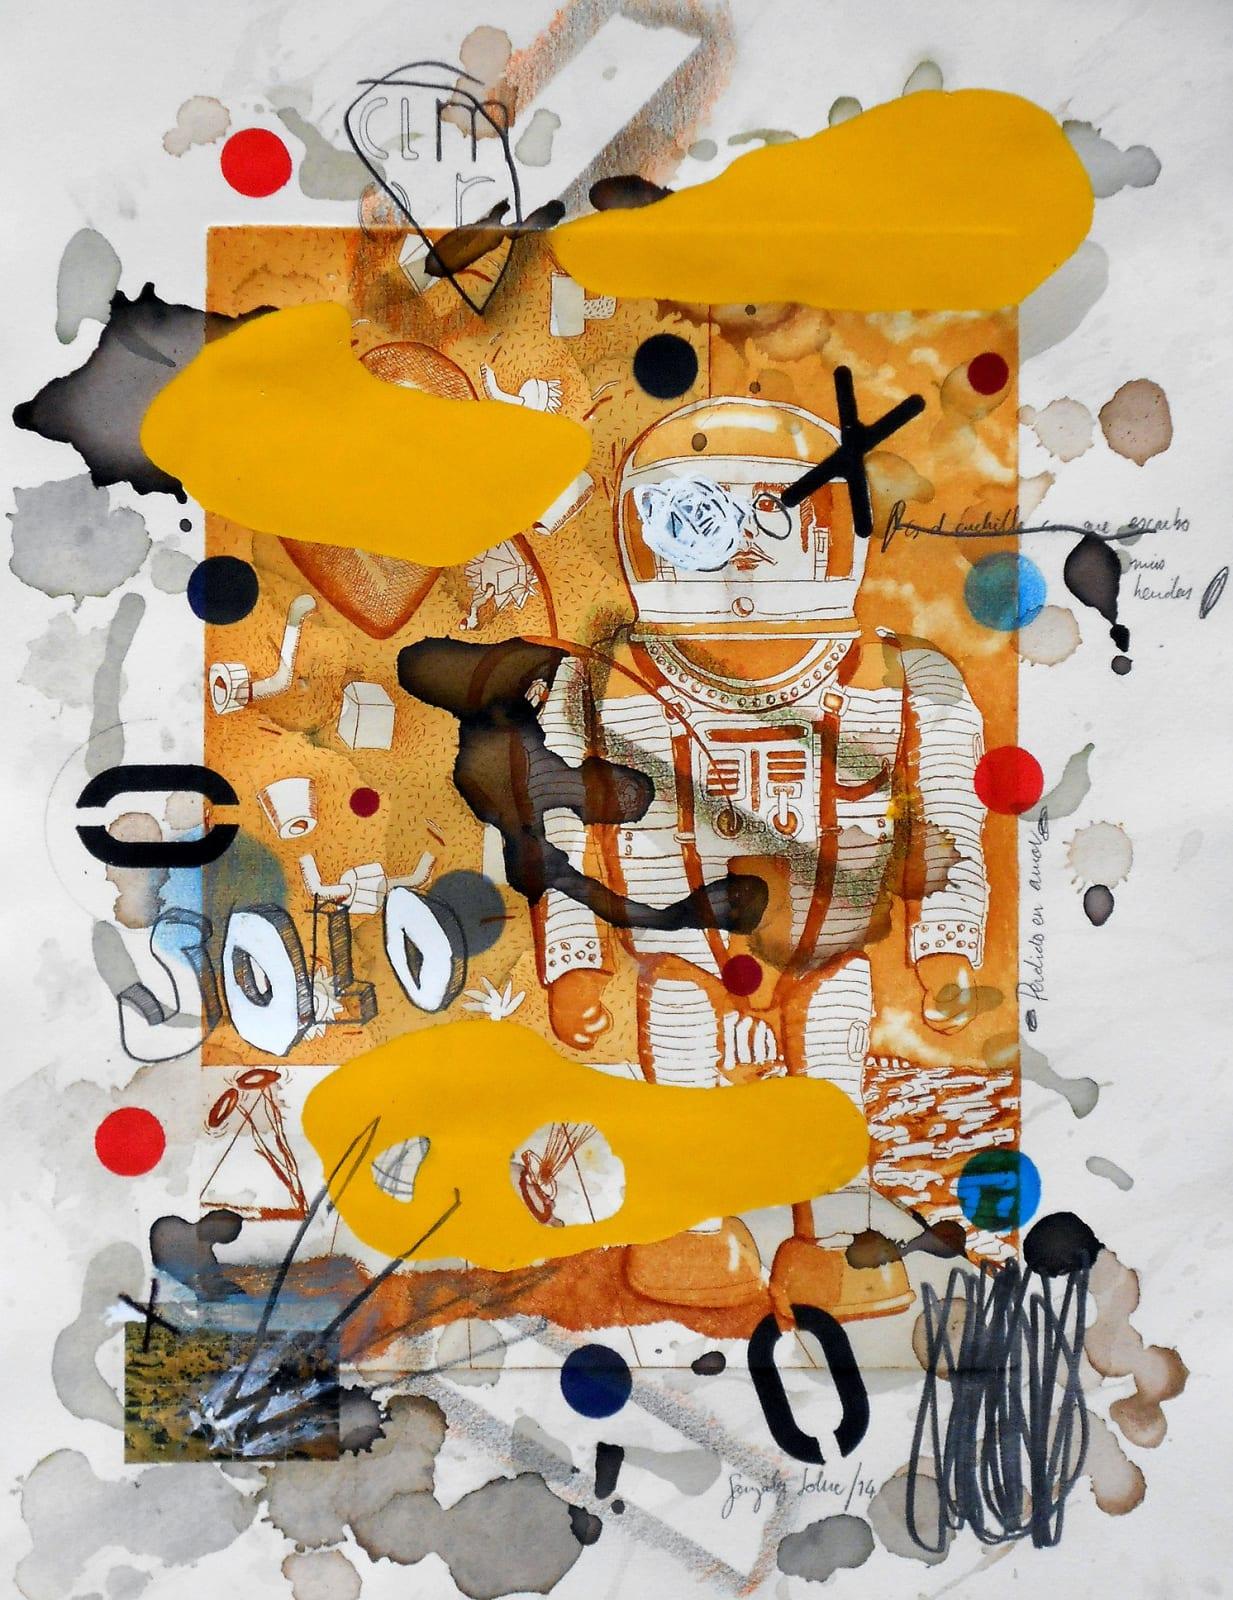 Coco González Lohse, Solo, 2001-2018. Mixed technique on paper, 55 x 35 cm.